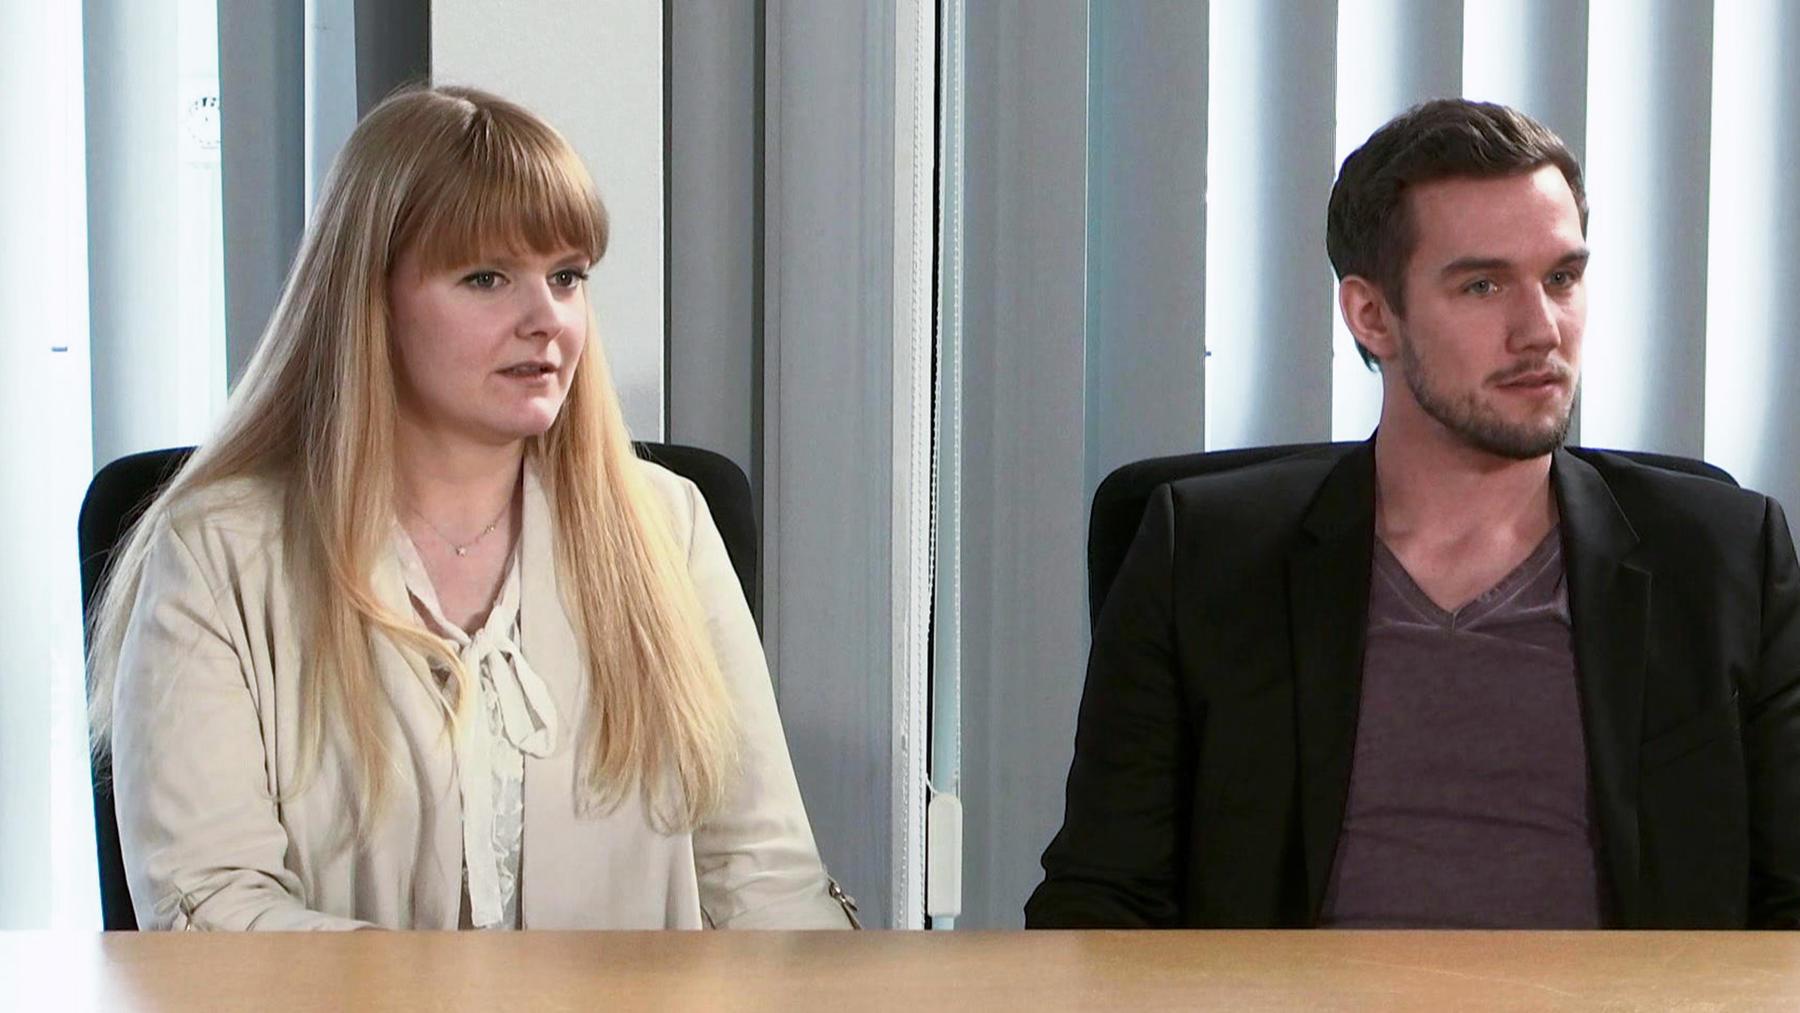 Freizügiges Paar weigert sich, Vorhänge anzubringen